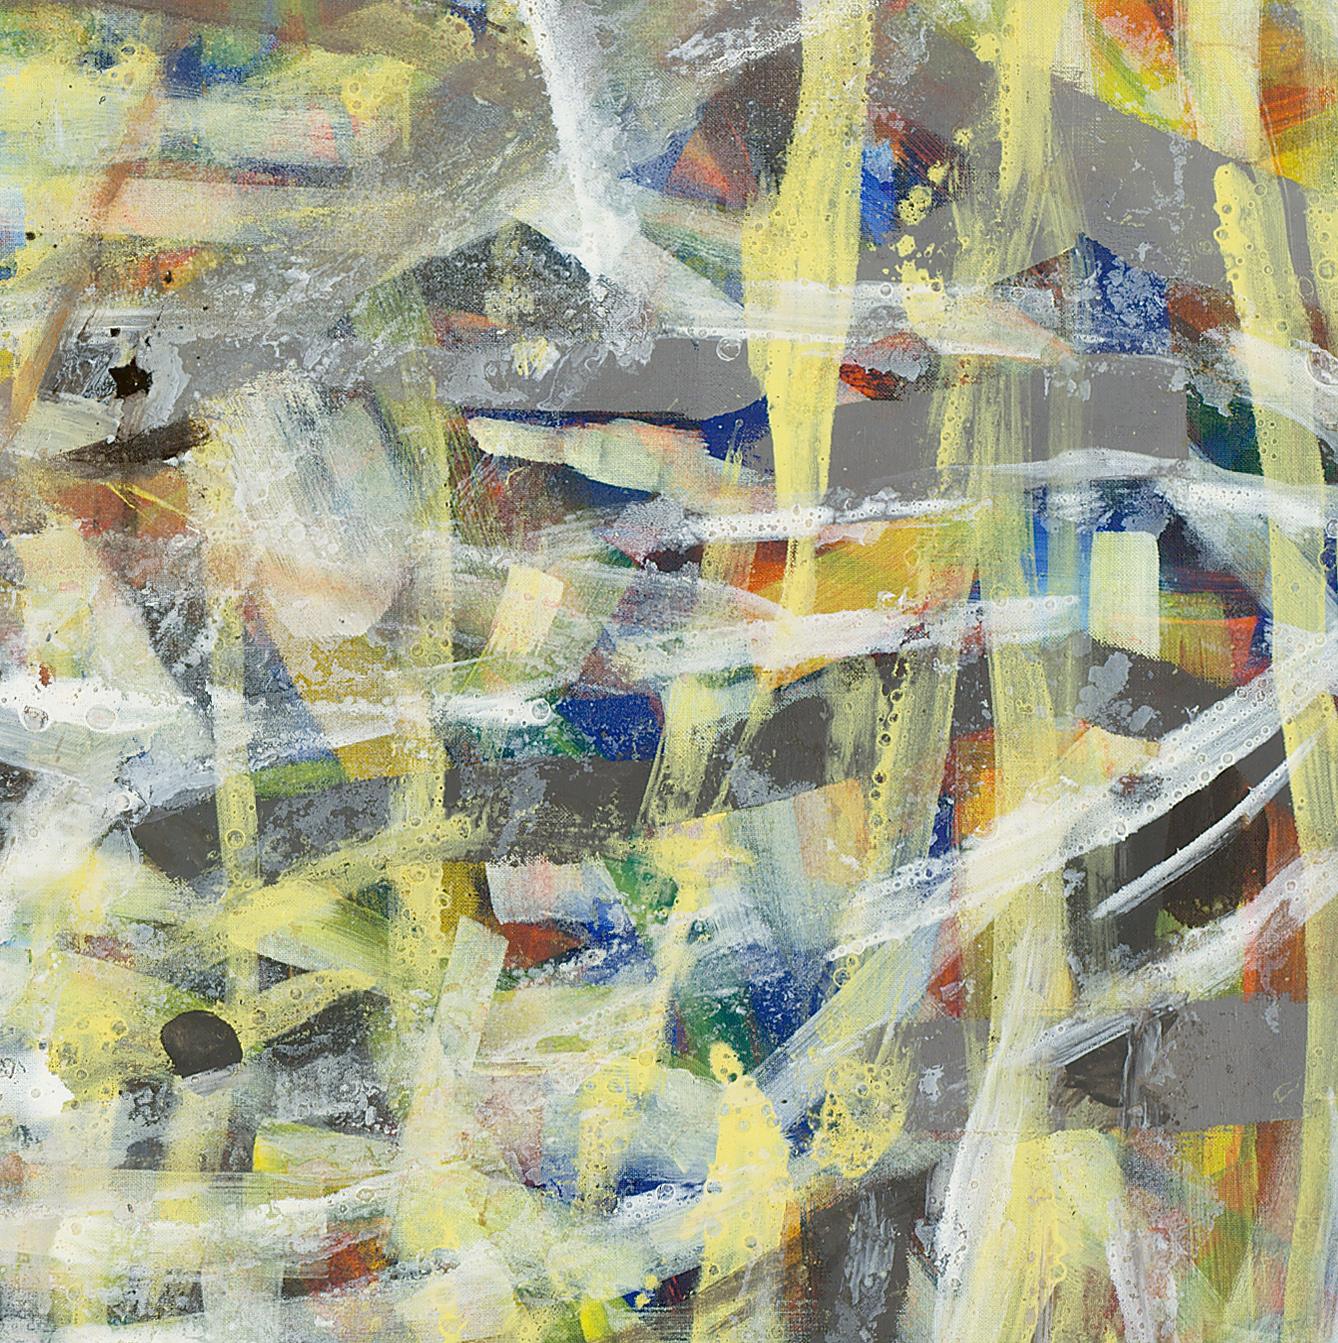 Leena van der Made, Ohne Titel, 2014 (Detail)